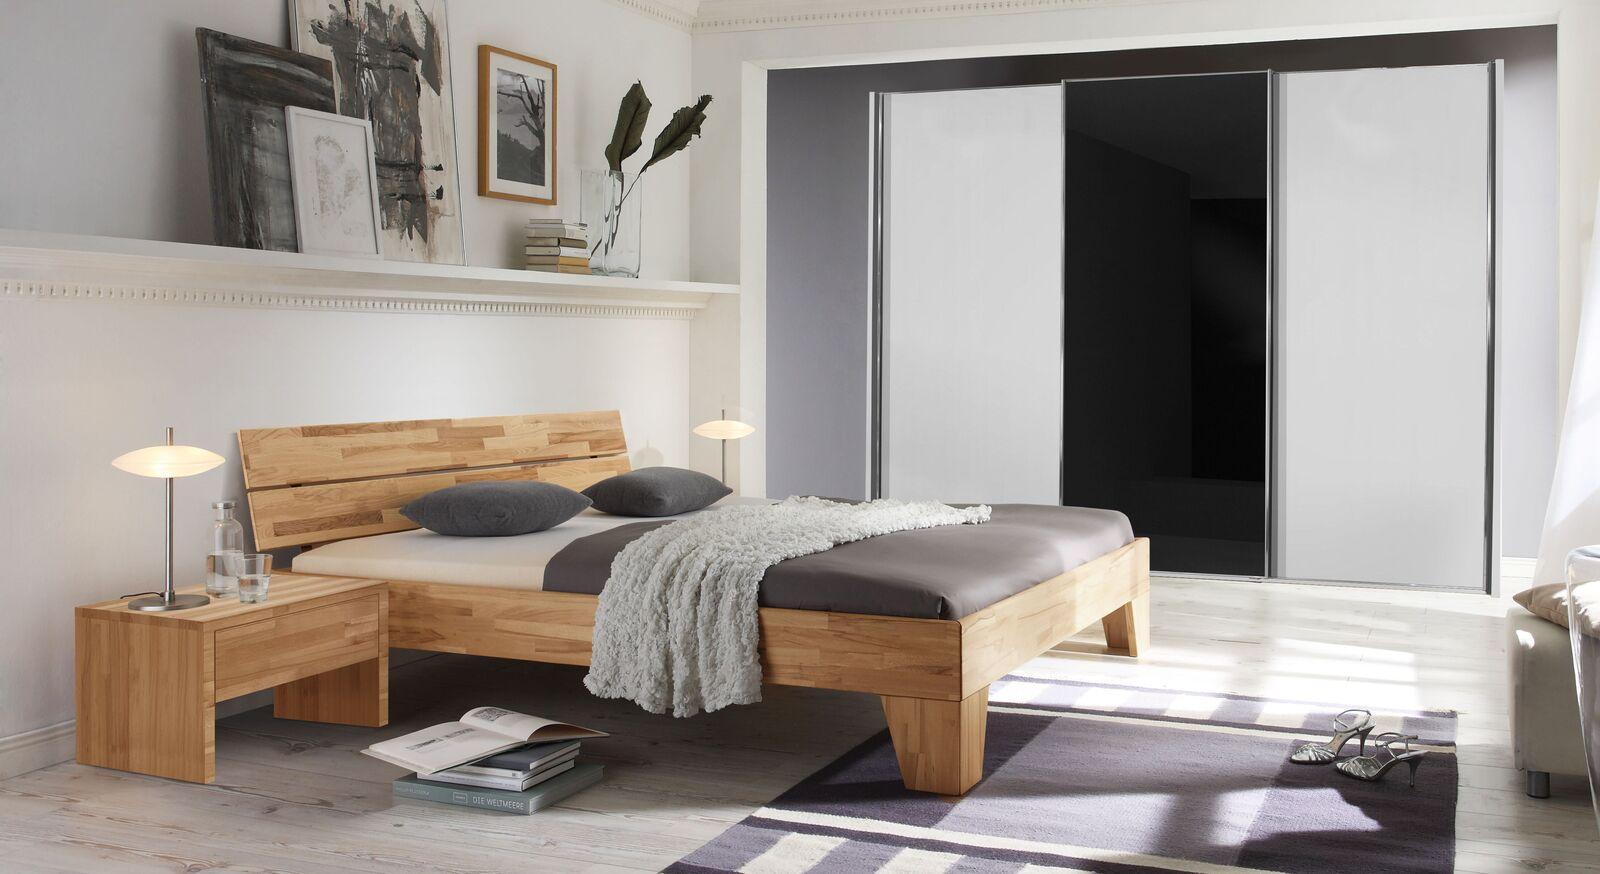 Bett Louvera mit passender Schlafzimmerausstattung